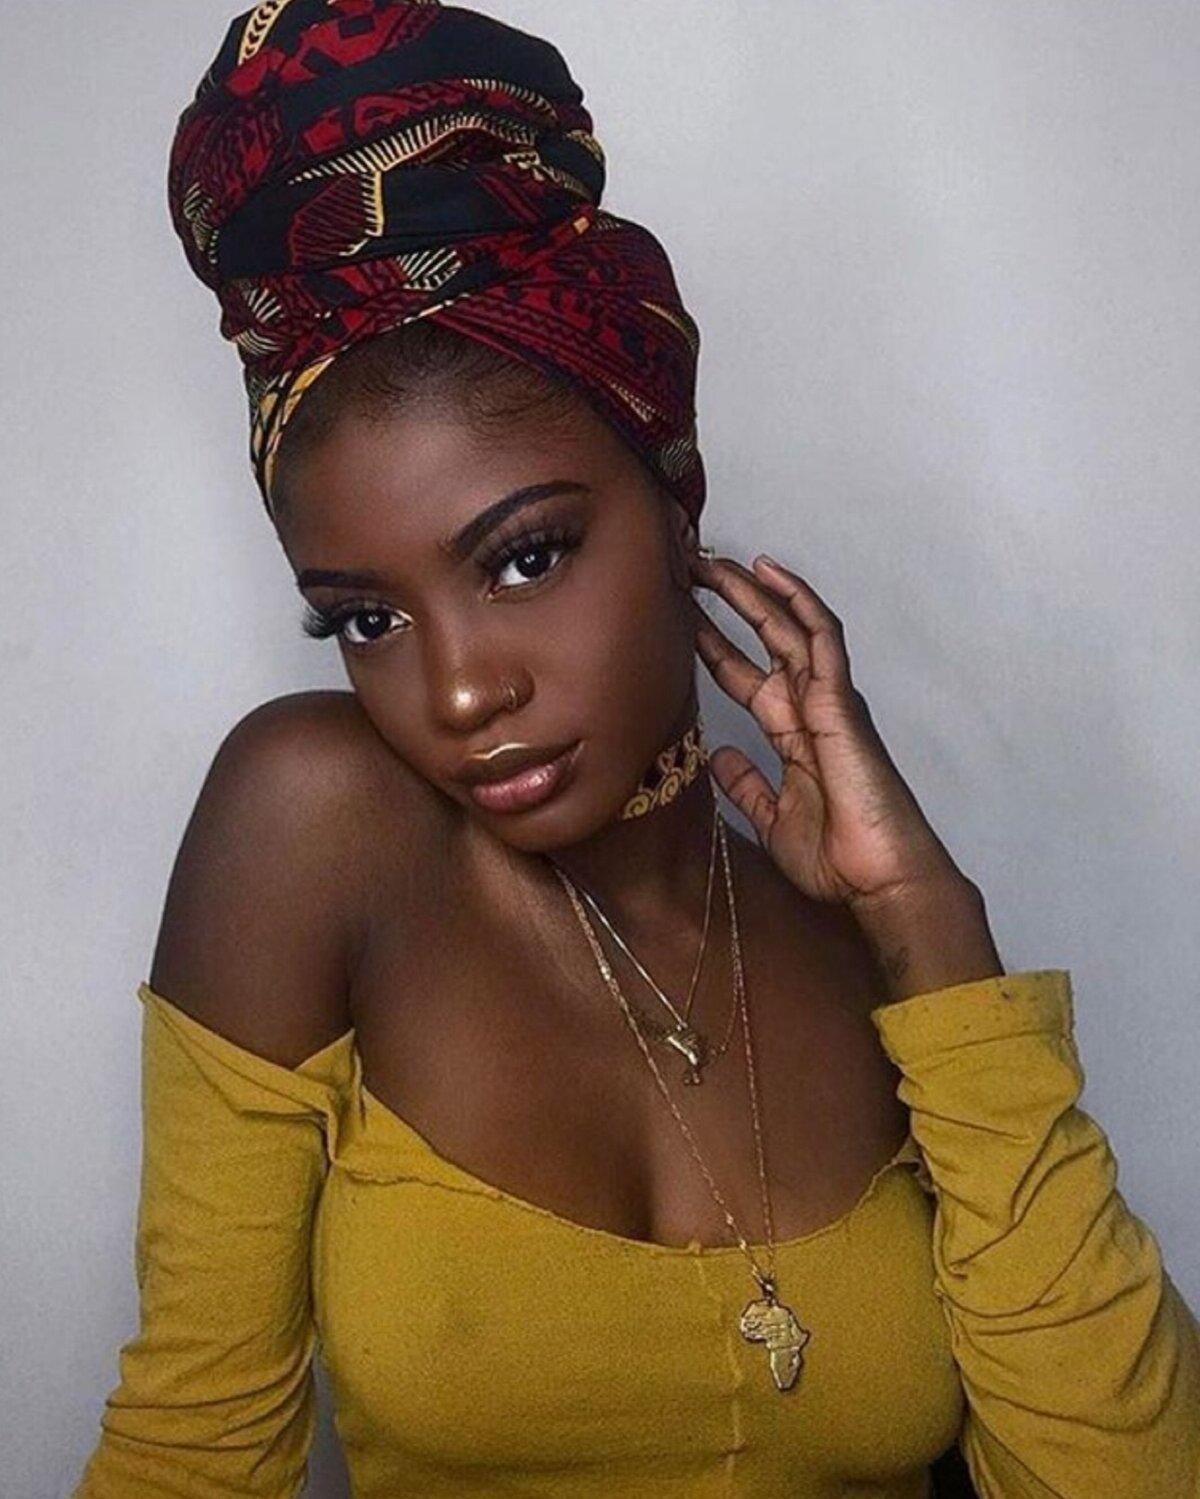 Ebony girls images